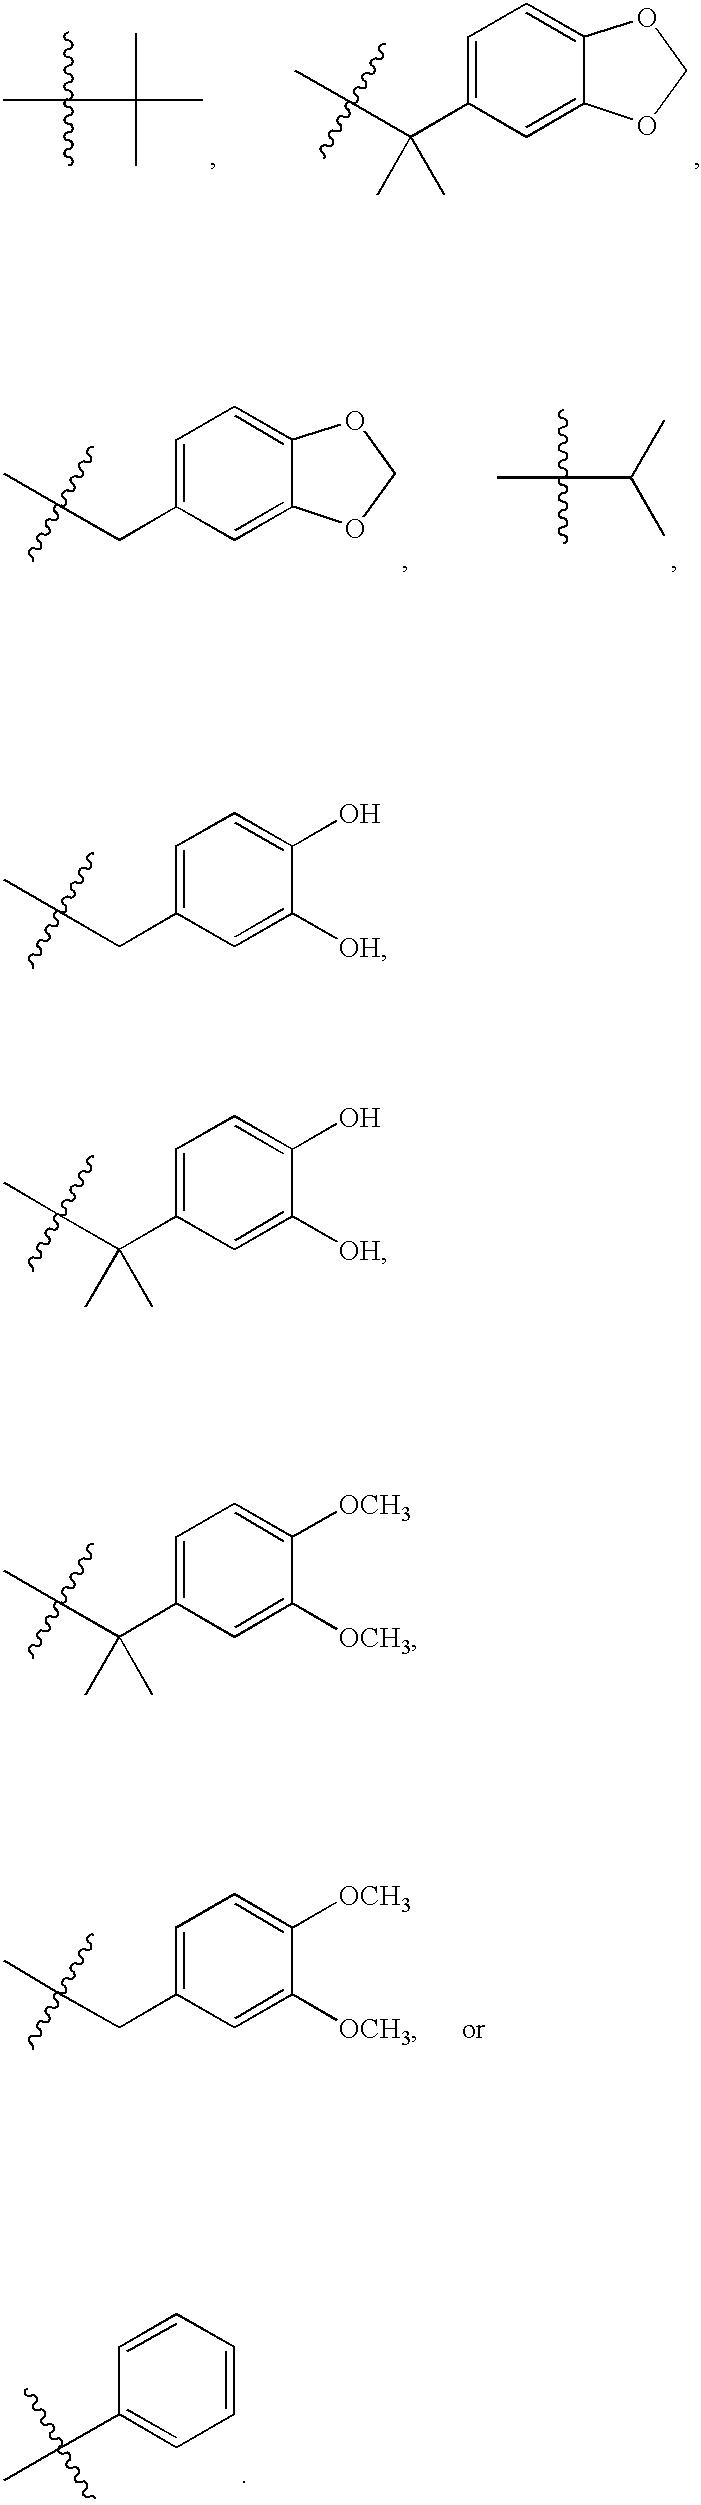 Figure US06569876-20030527-C00013